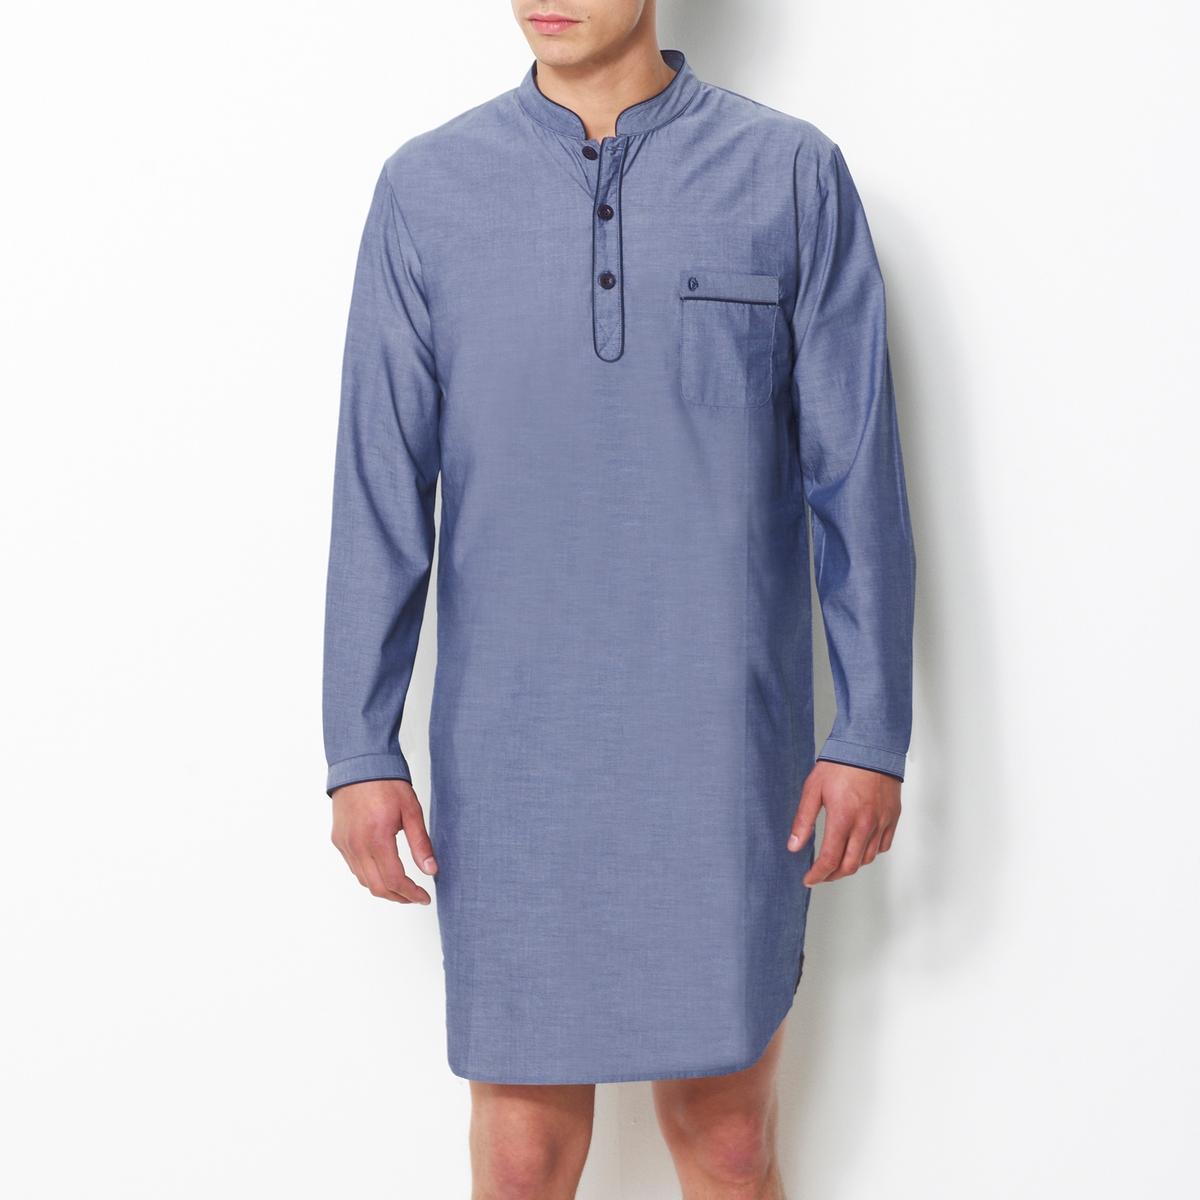 Пижама-рубашка в полоску из поплинаПижама-рубашка в полоску из поплина, 100% хлопок с окрашенными волокнами. Длинные рукава. Воротник-стойка с застежкой на 3 пуговицы. 1 нагрудный карман с вышивкой. Длина 100 см.<br><br>Цвет: синий в полоску,шамбрэ<br>Размер: 3XL.XXL.M.S.M